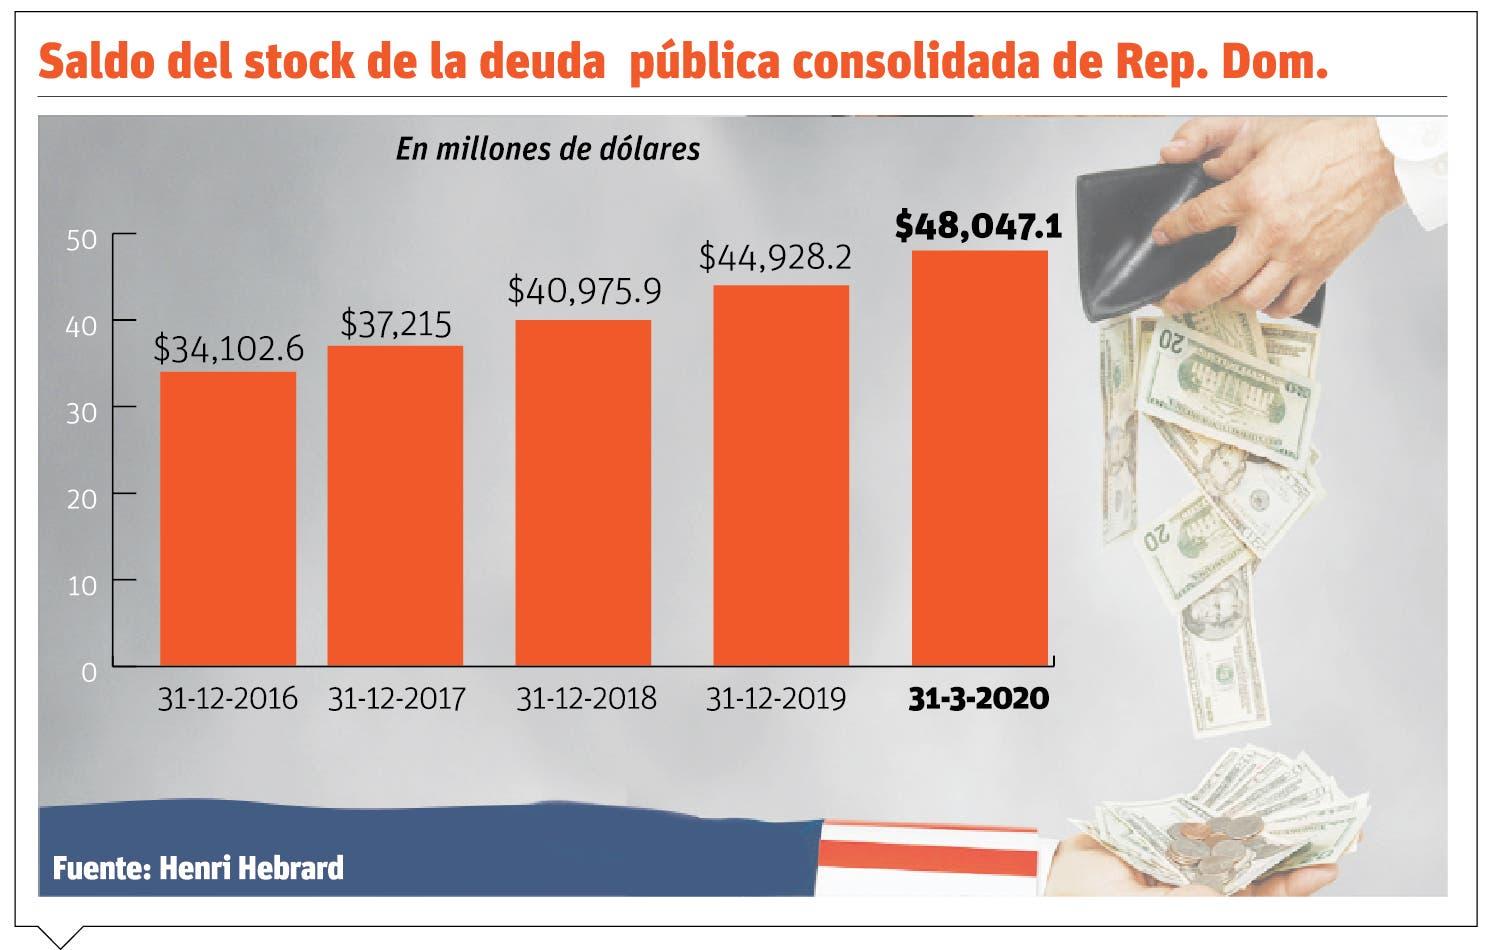 Deuda pública subió a 54.3% al inicio del Covid